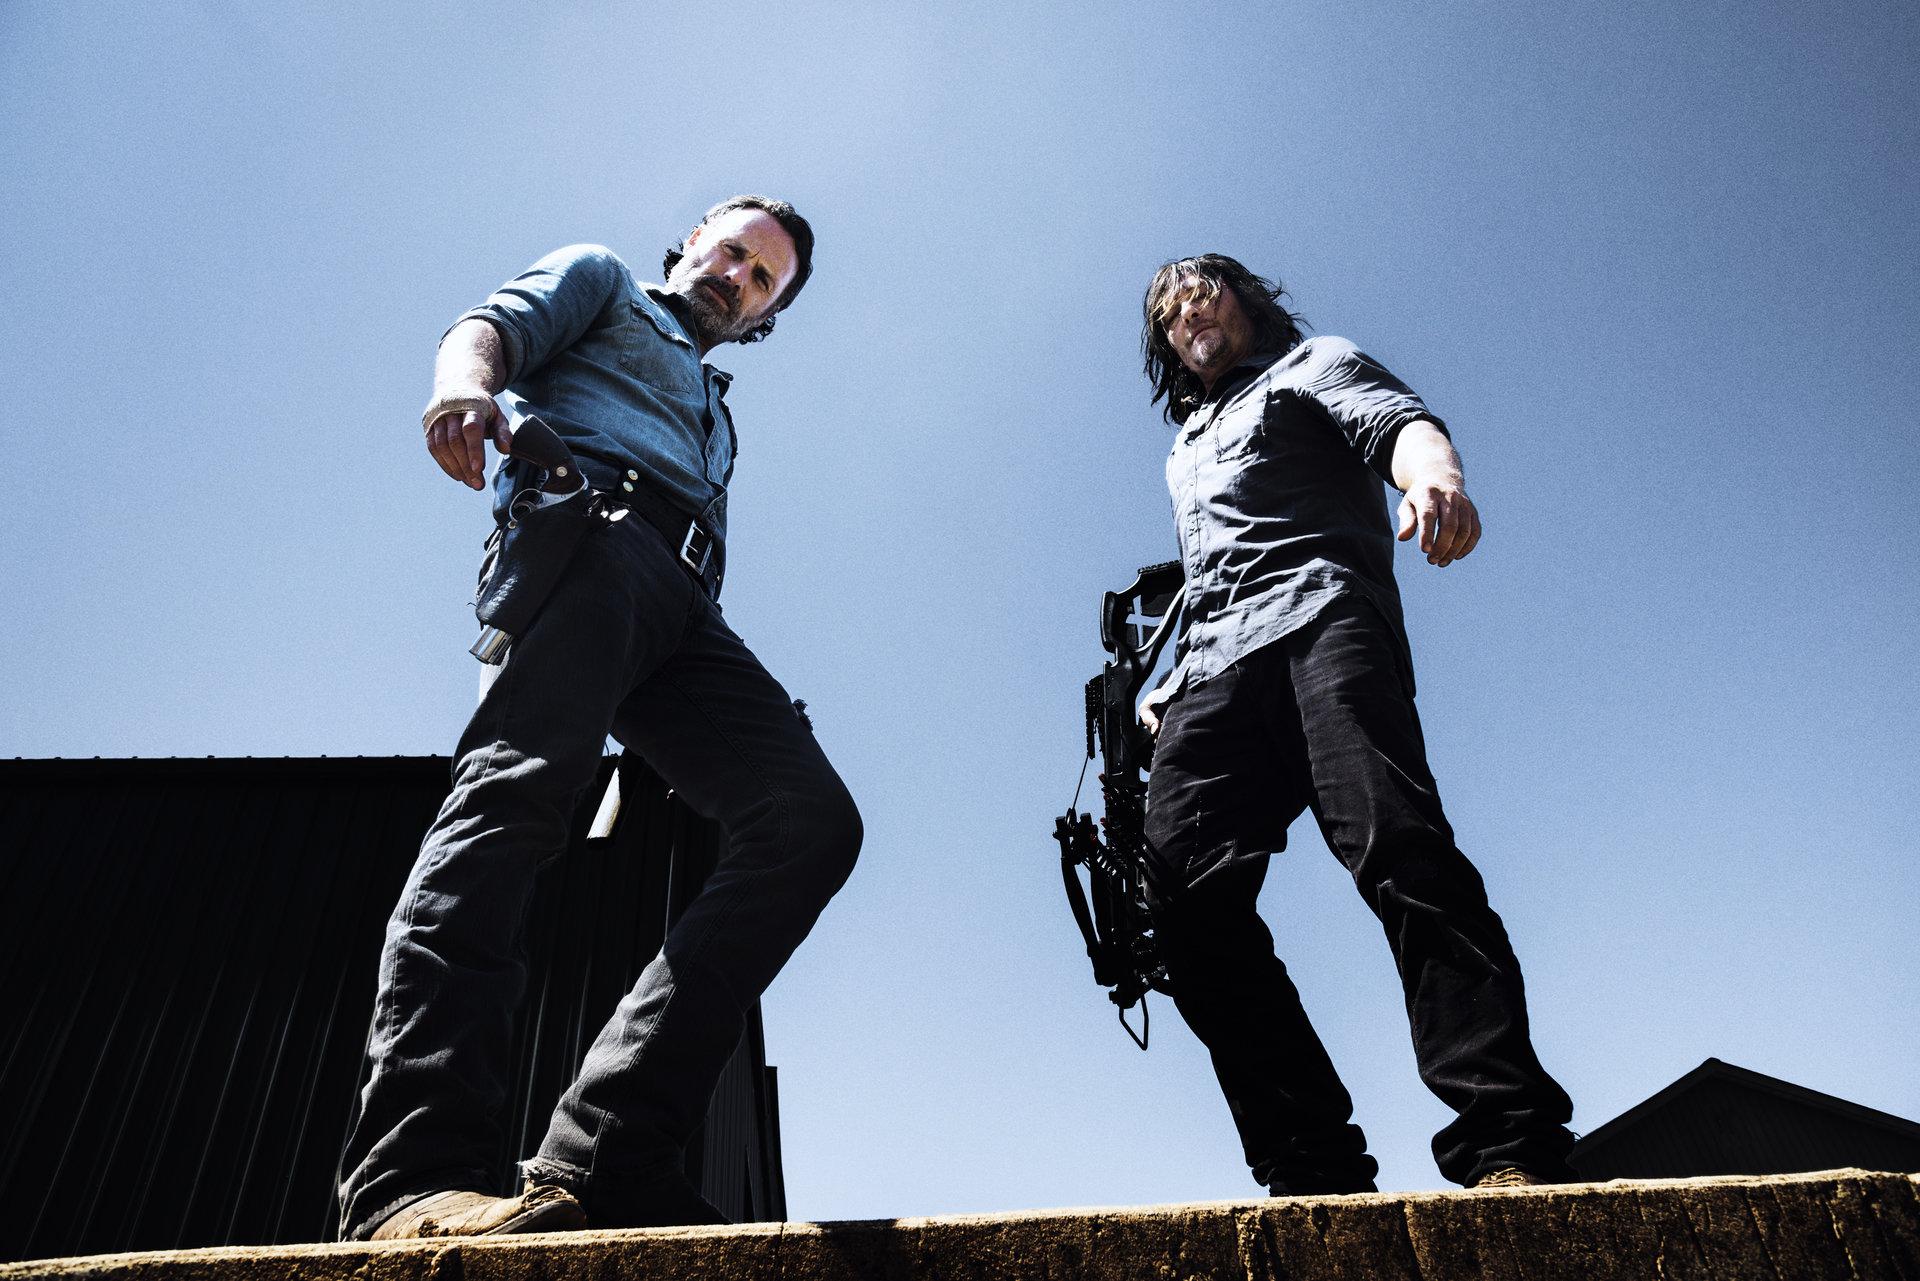 Nadchodzi wojna totalna! 8. sezon The Walking Dead już 23 października tylko na FOX!